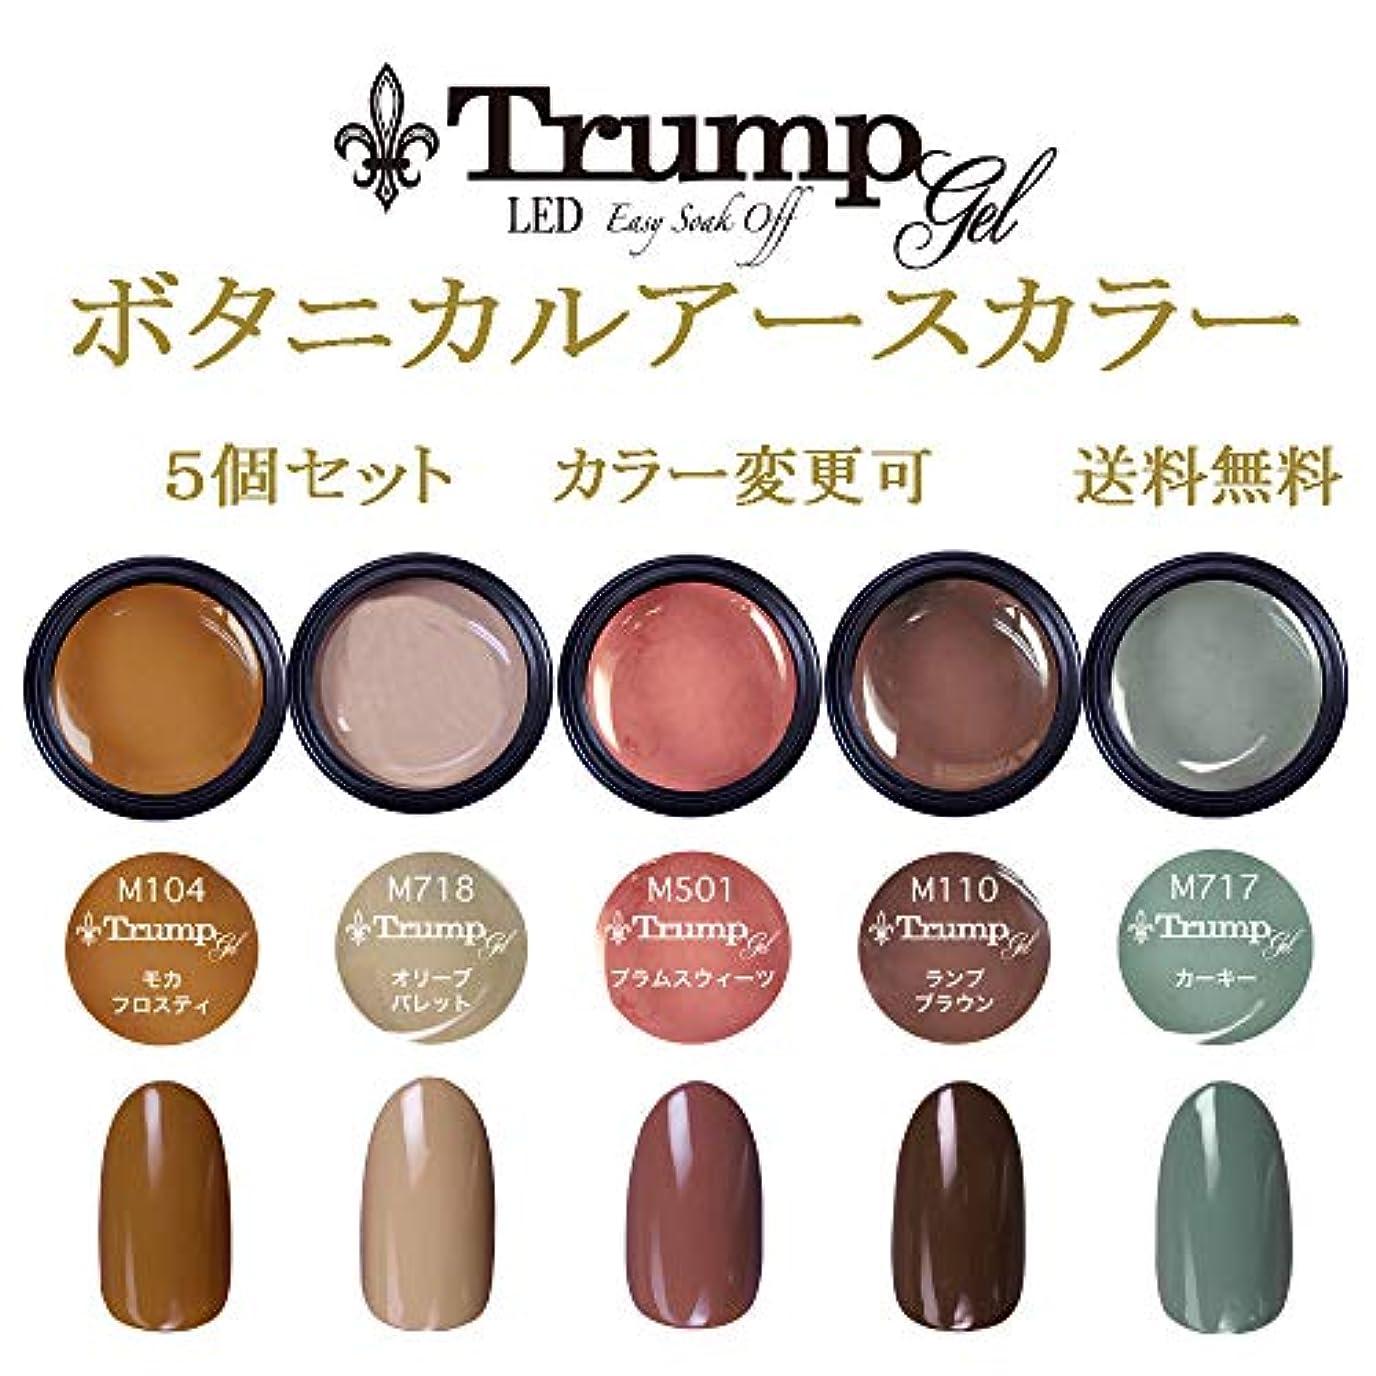 輪郭ロール拡散する【送料無料】日本製 Trump gel ボタニカルアースカラージェル5個セット 人気のボタニカルカラーをセット